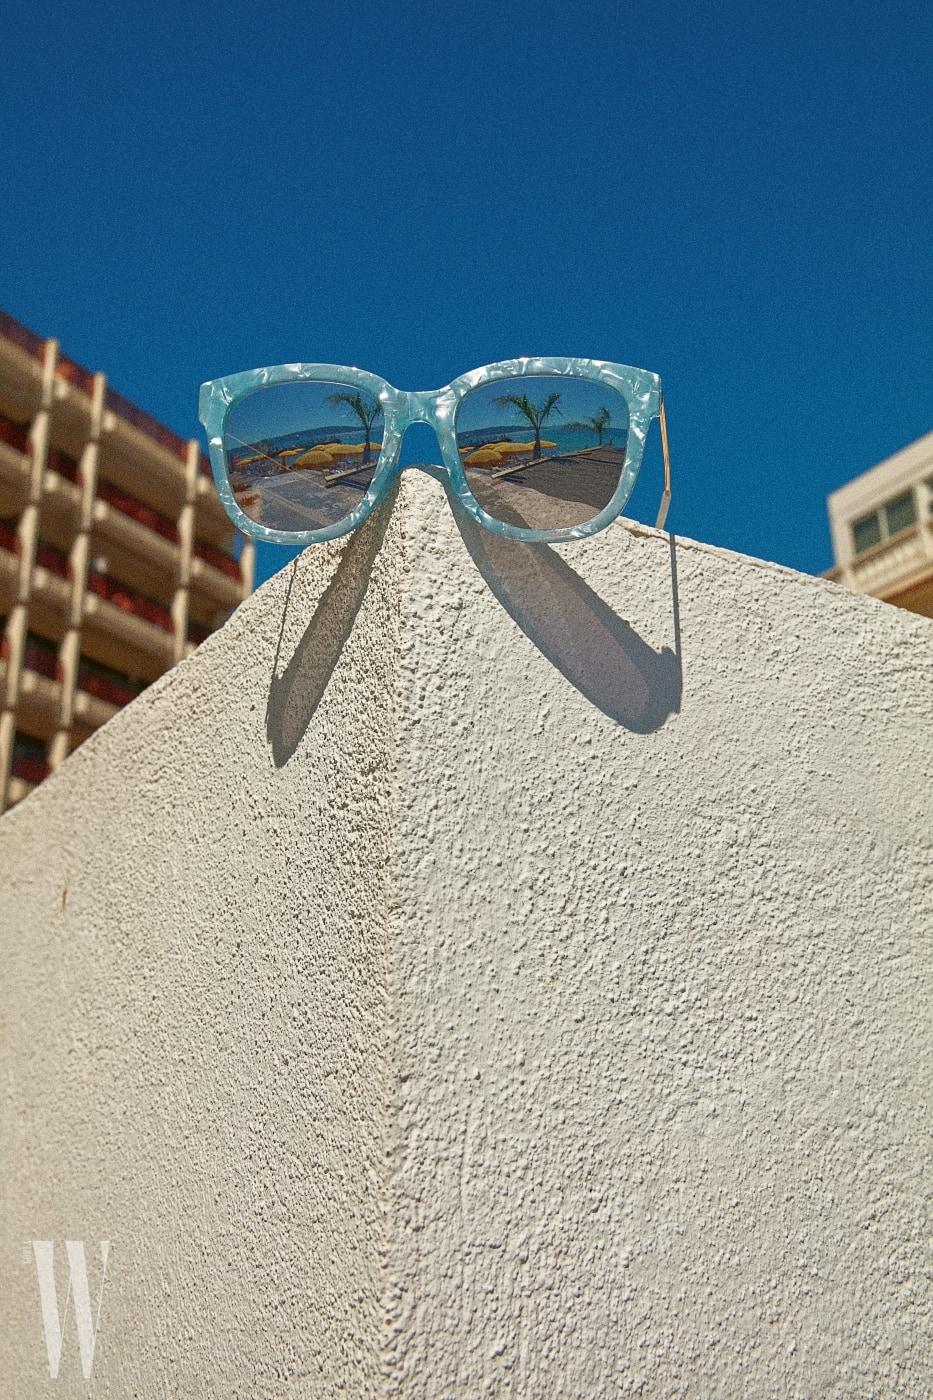 시원한 느낌을 주는 반투명 프레임 선글라스는 휠라 by 모다루네쯔 제품. 8만5천원.